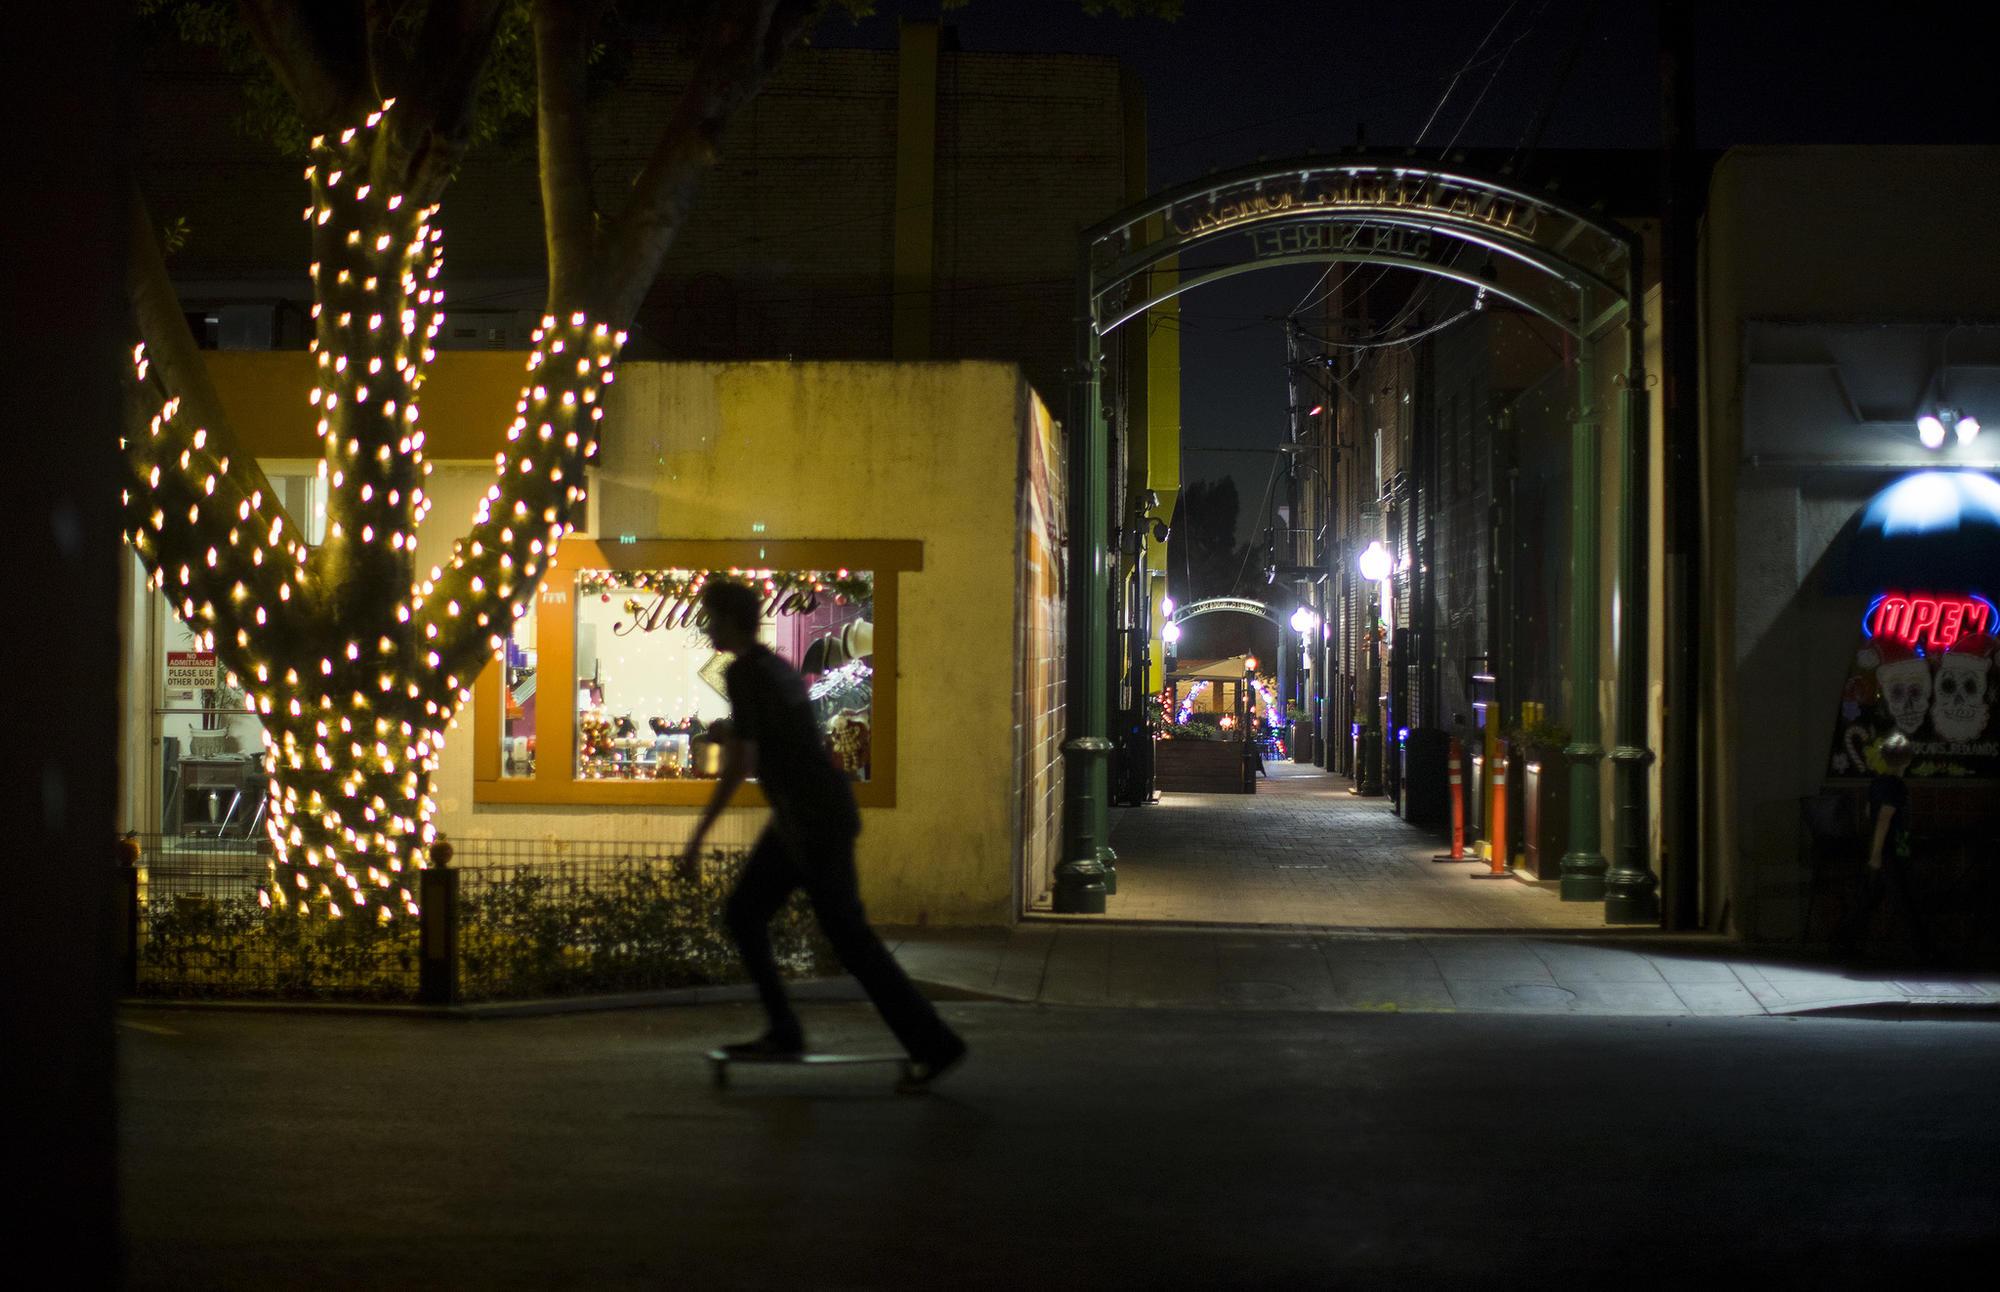 Orange Street Alley in downtown Redland